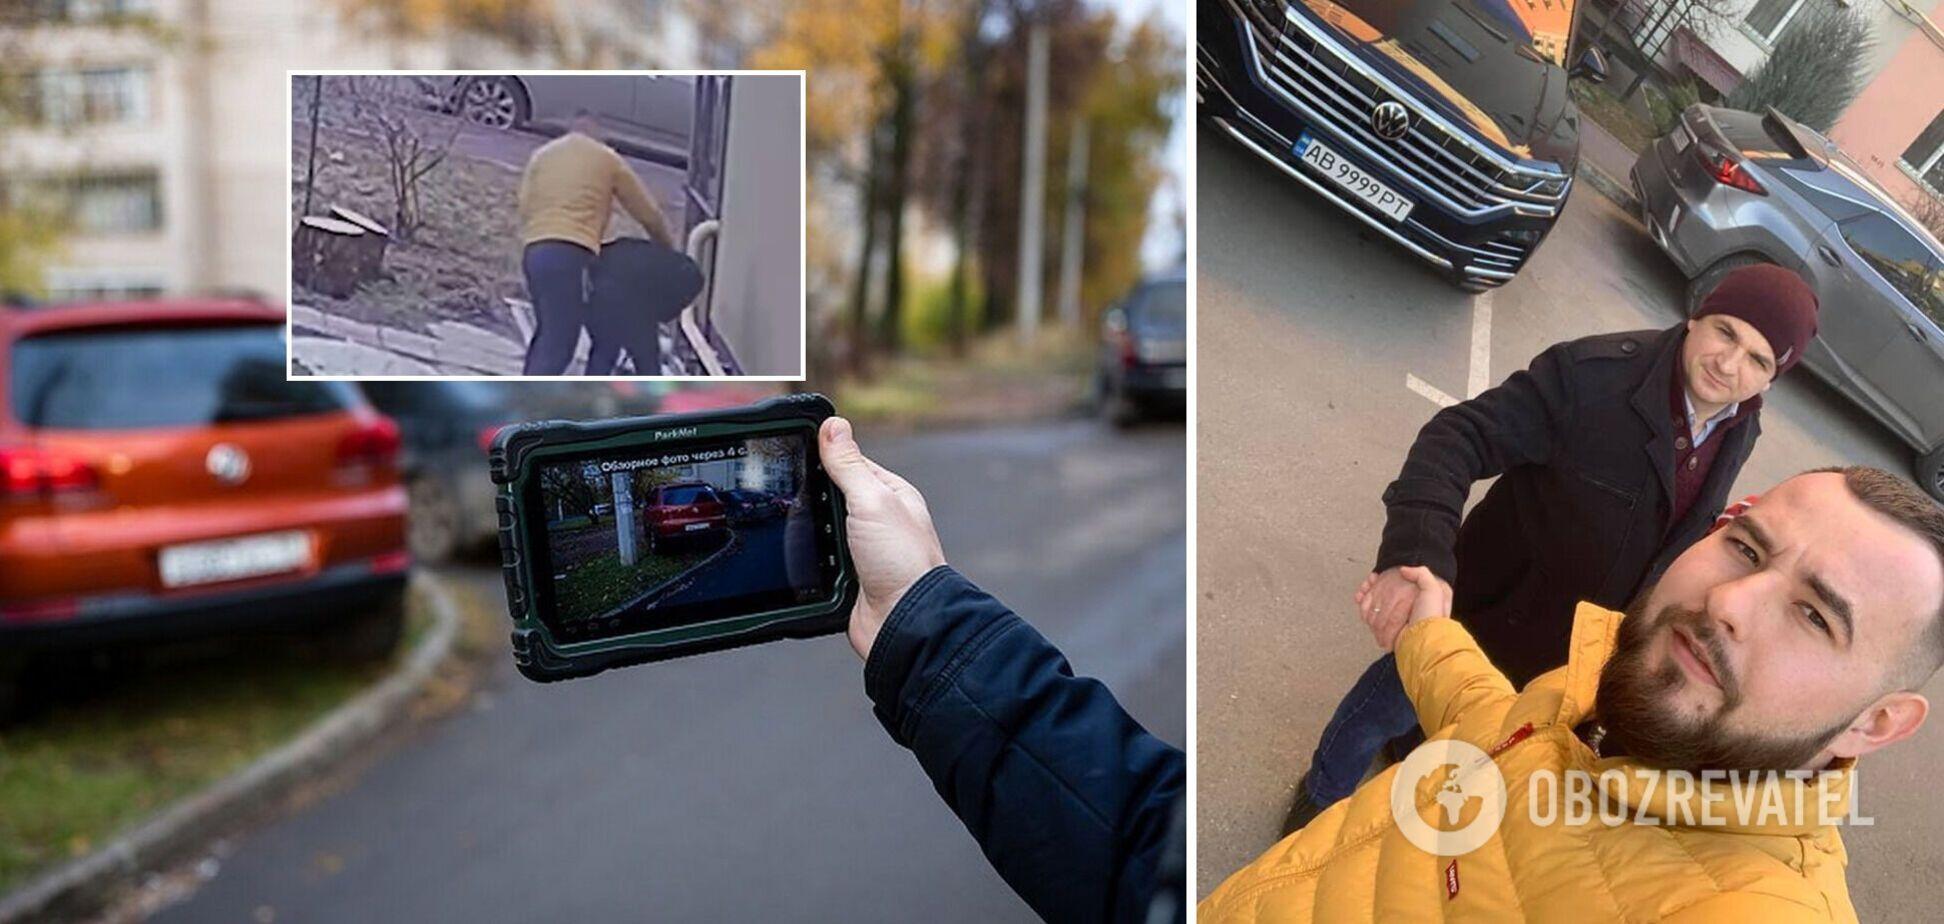 У Вінниці 'герой парковки' побив чоловіка за зауваження: історія отримала несподіваний фінал. Відео